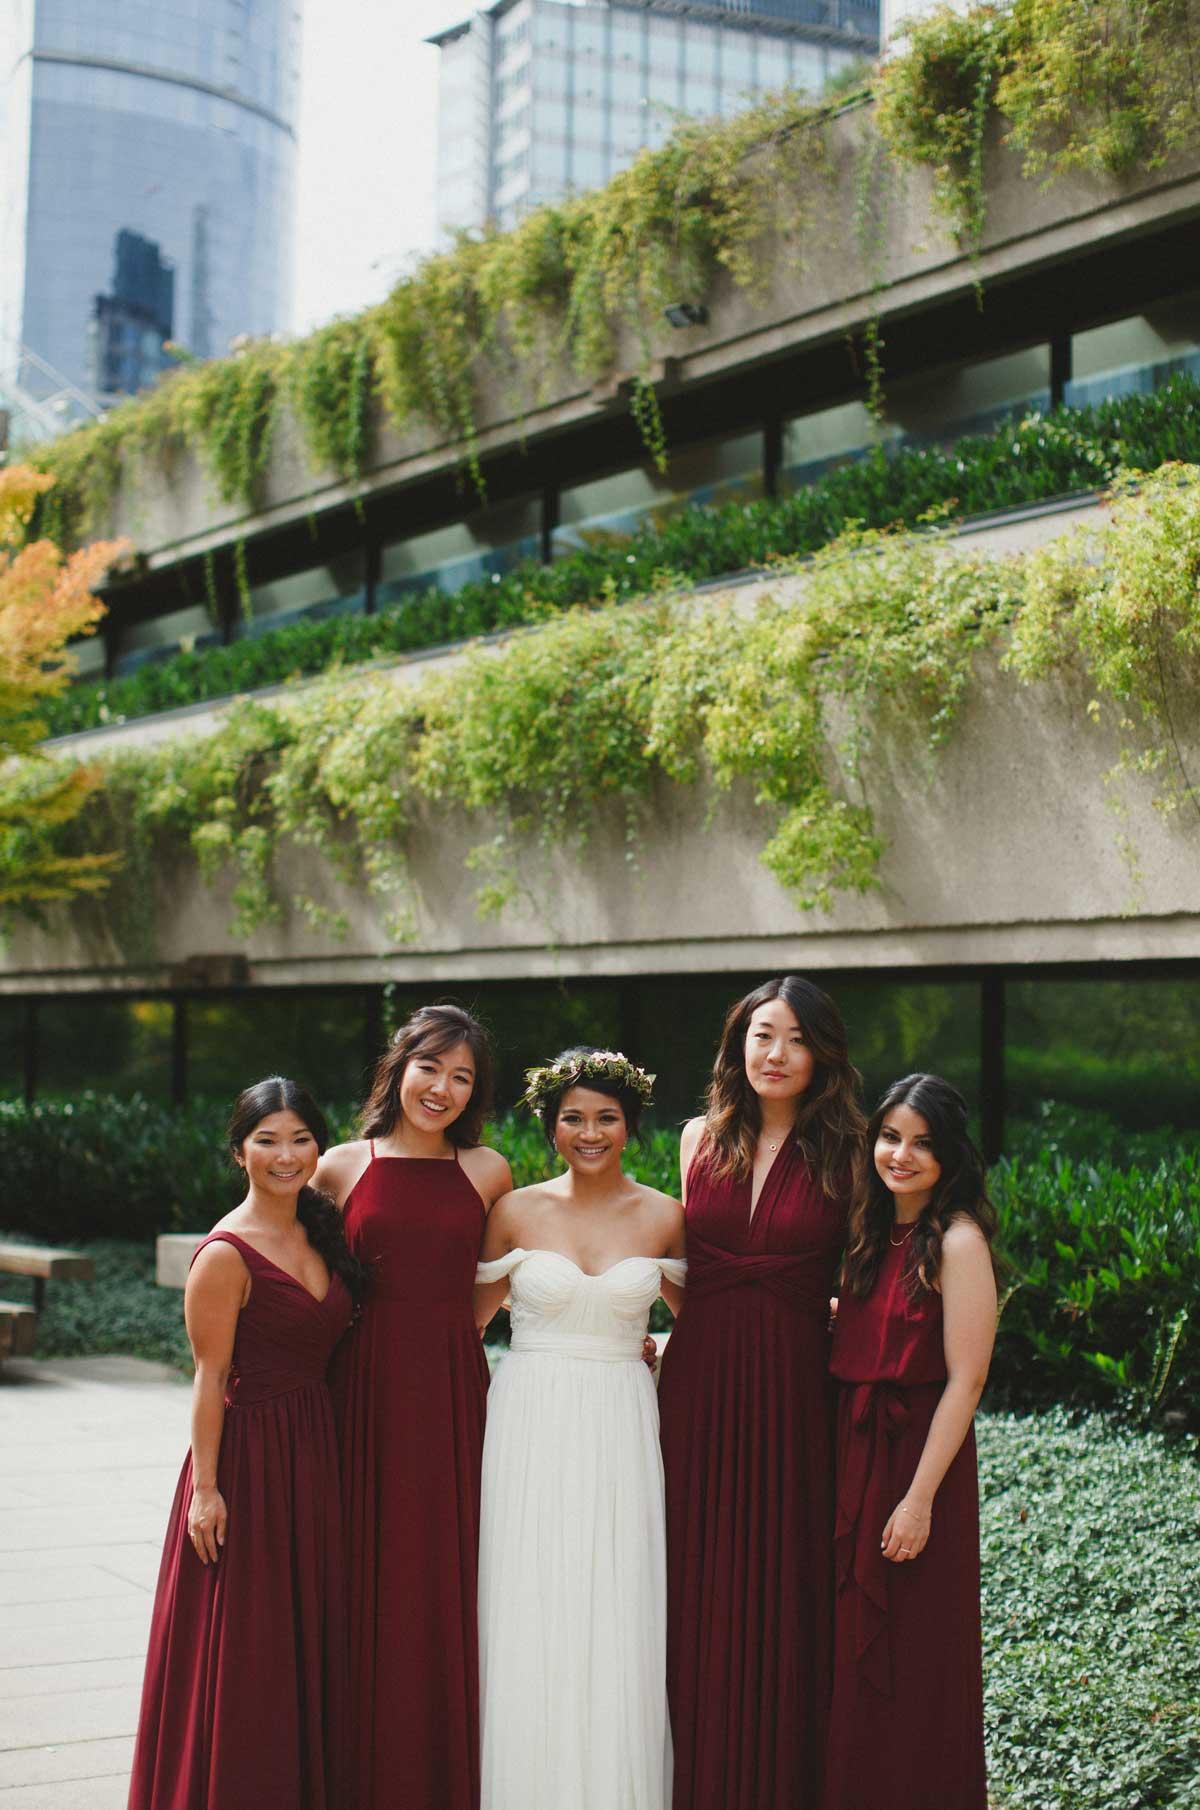 dloveaffair_wedding_bride_bridal_party.jpg